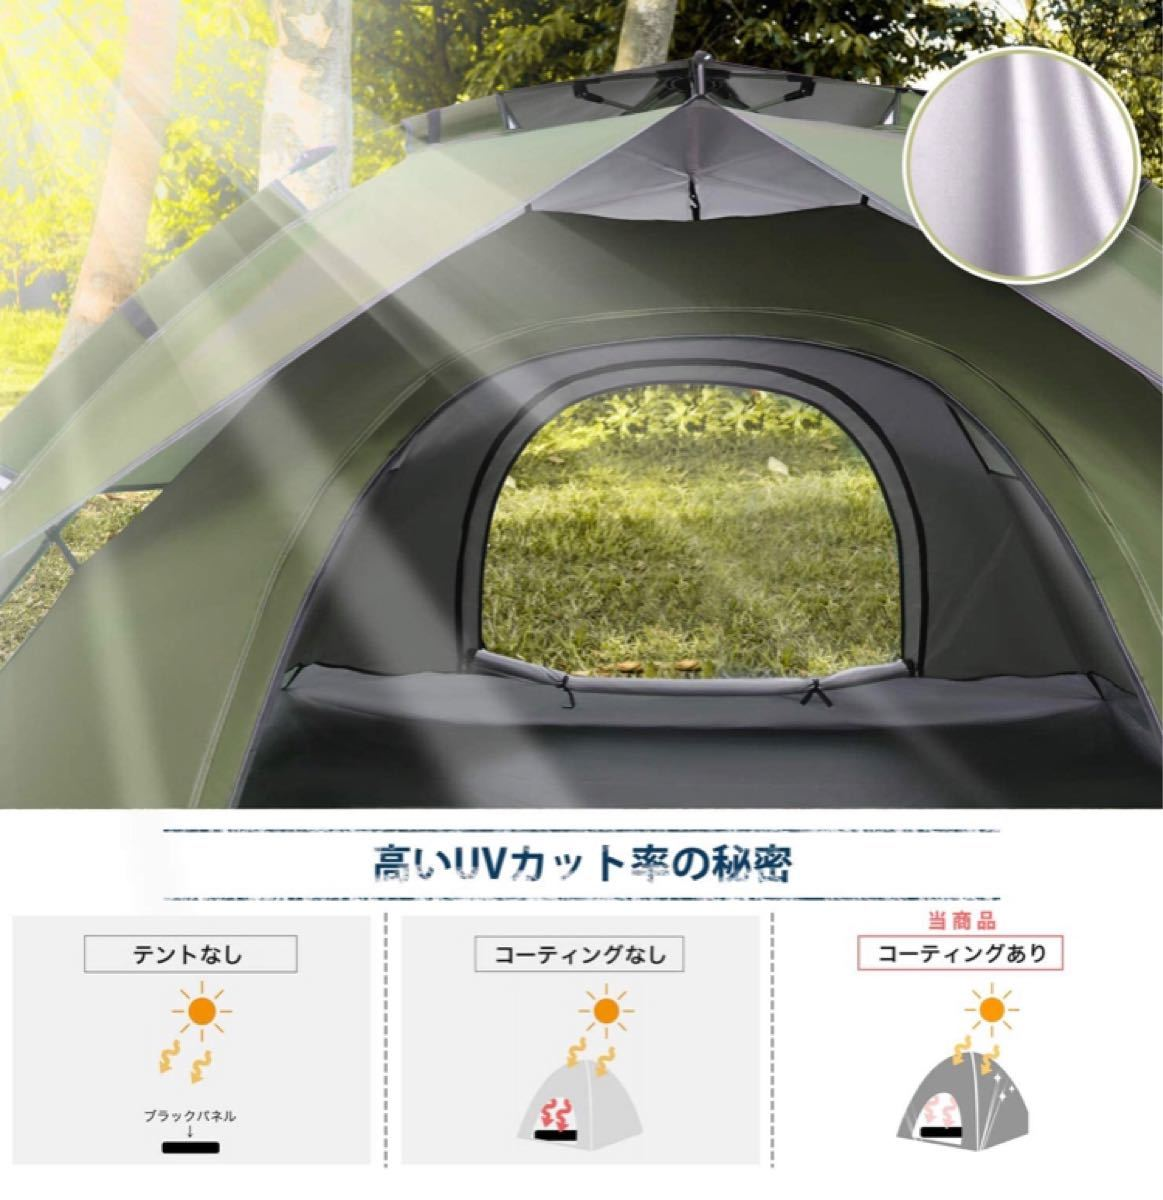 ワンタッチテント 2-3人用 2重層 キャンプ テント ワンタッチテ